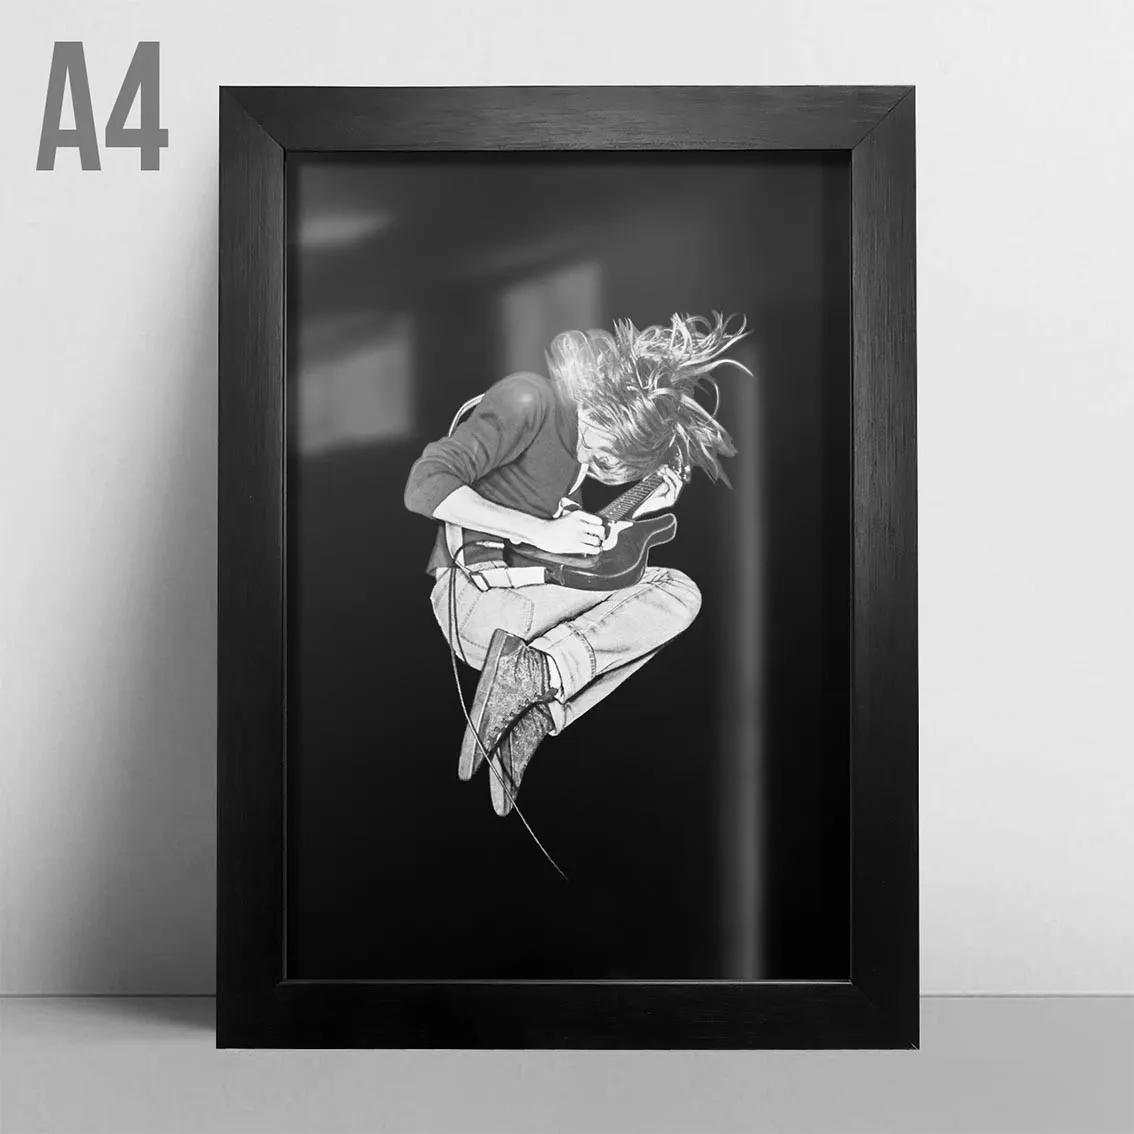 Quadro A4 - Jump